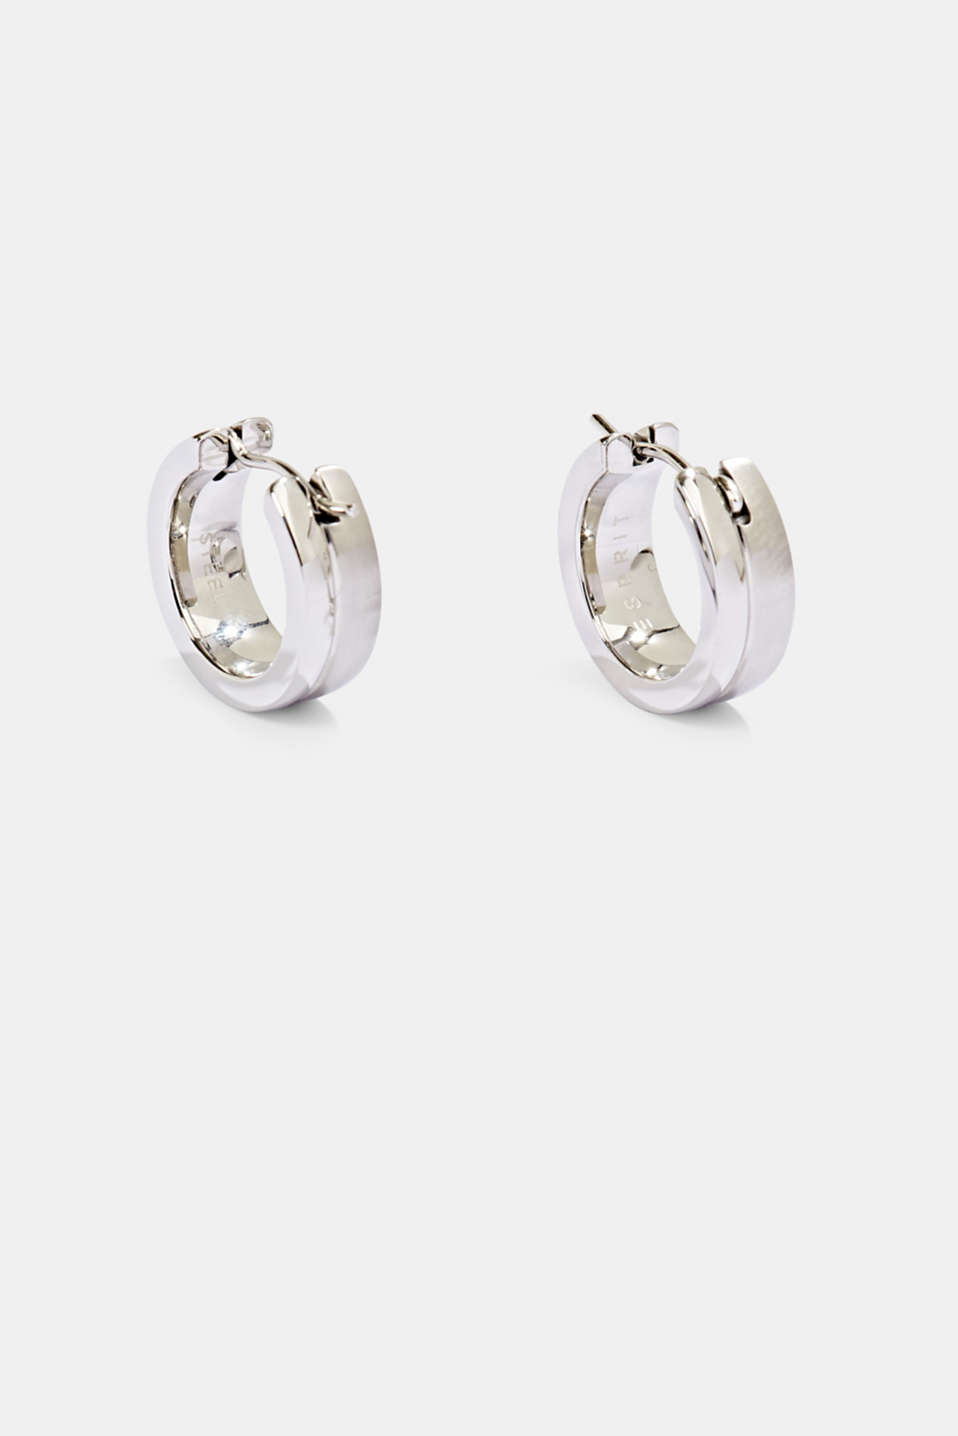 Stainless-steel hoop earrings, SILVER, detail image number 0